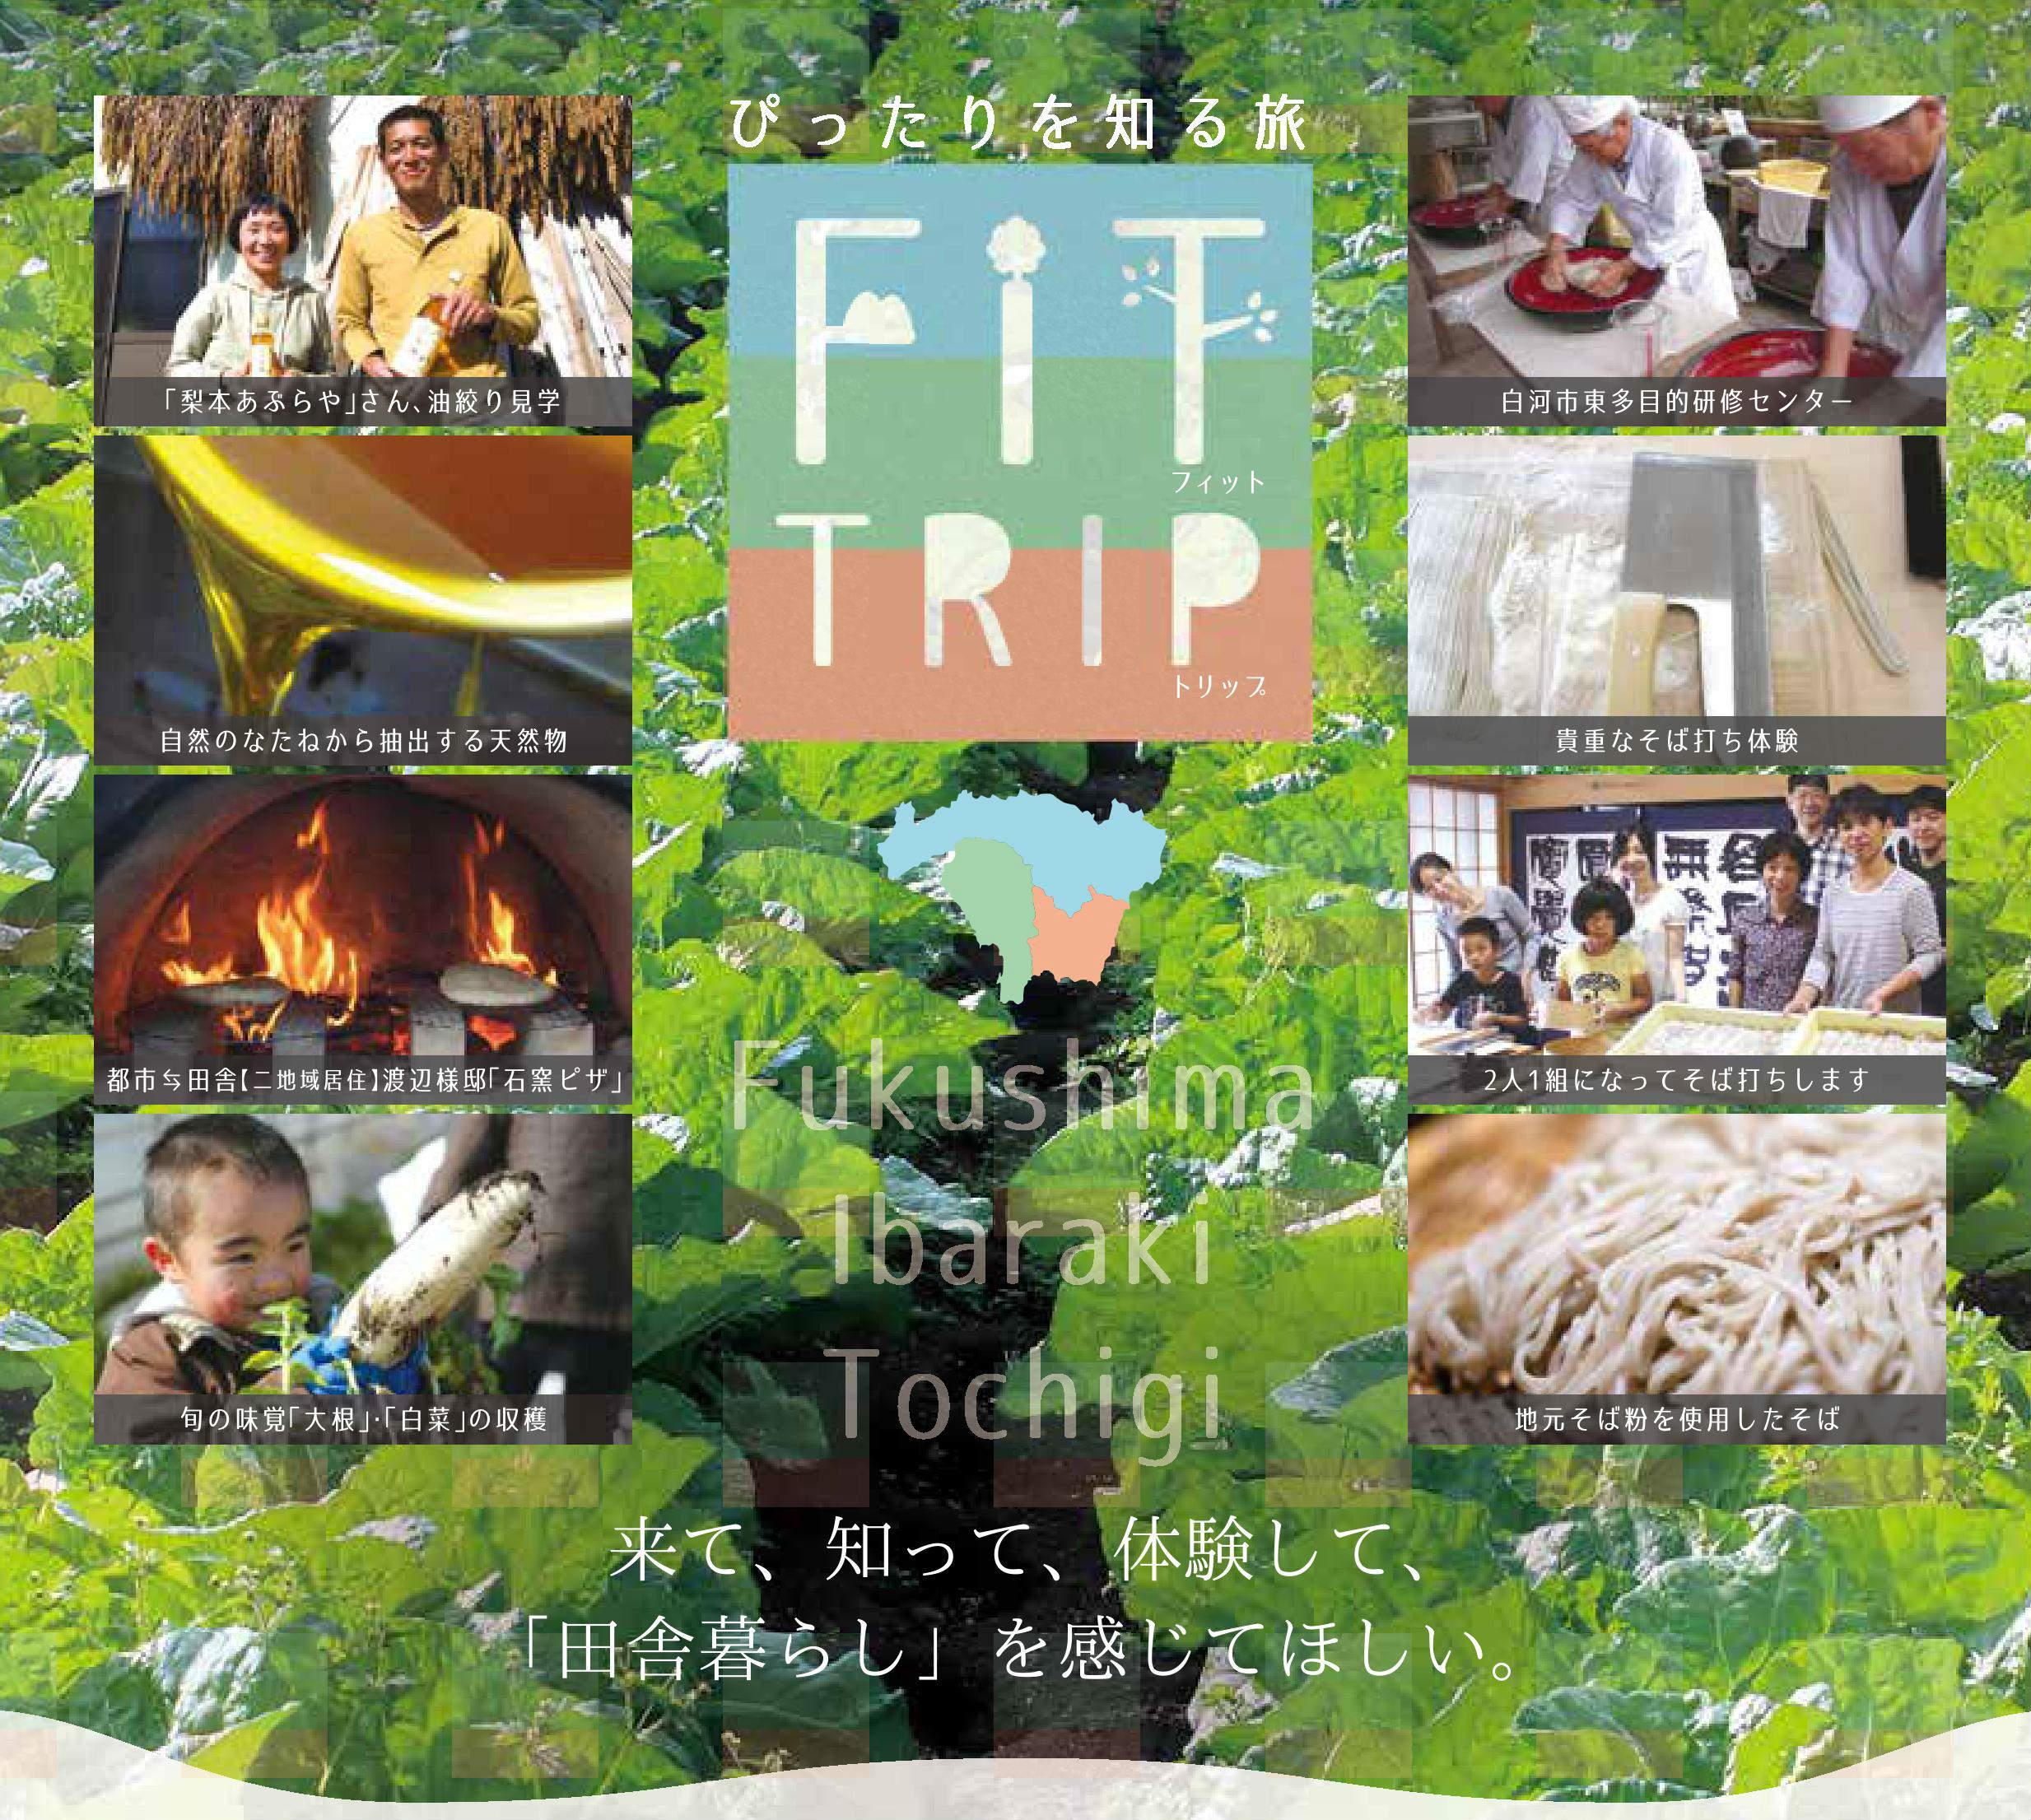 【福島県】~ぴったりを知る旅~FIT TRIP